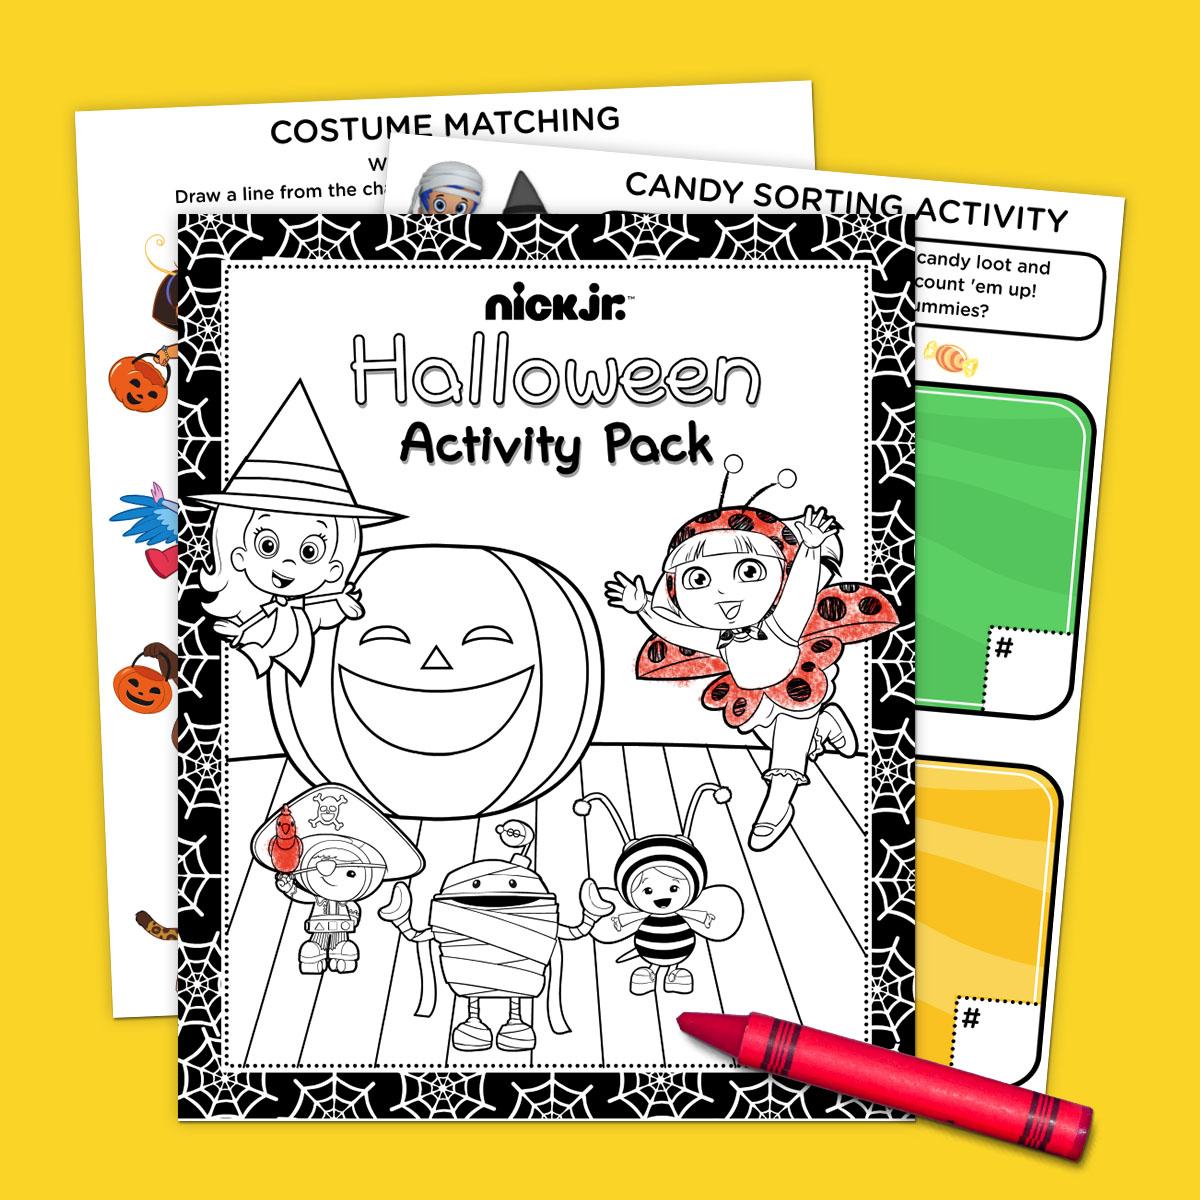 Nick Jr. Halloween Activity Pack